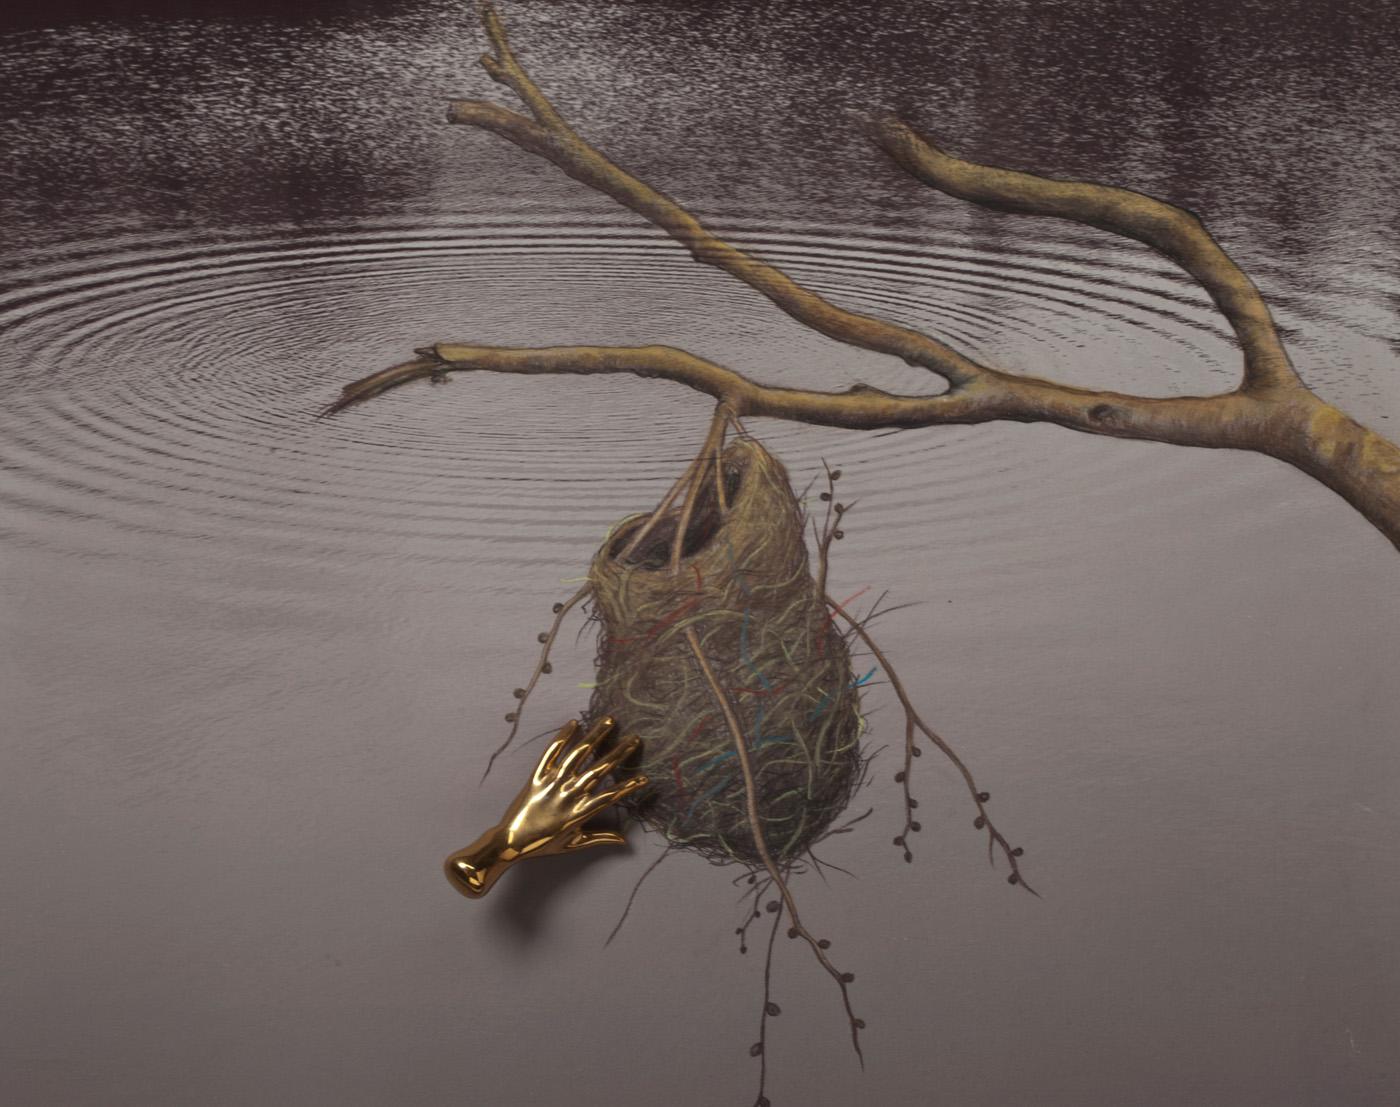 Nest detail